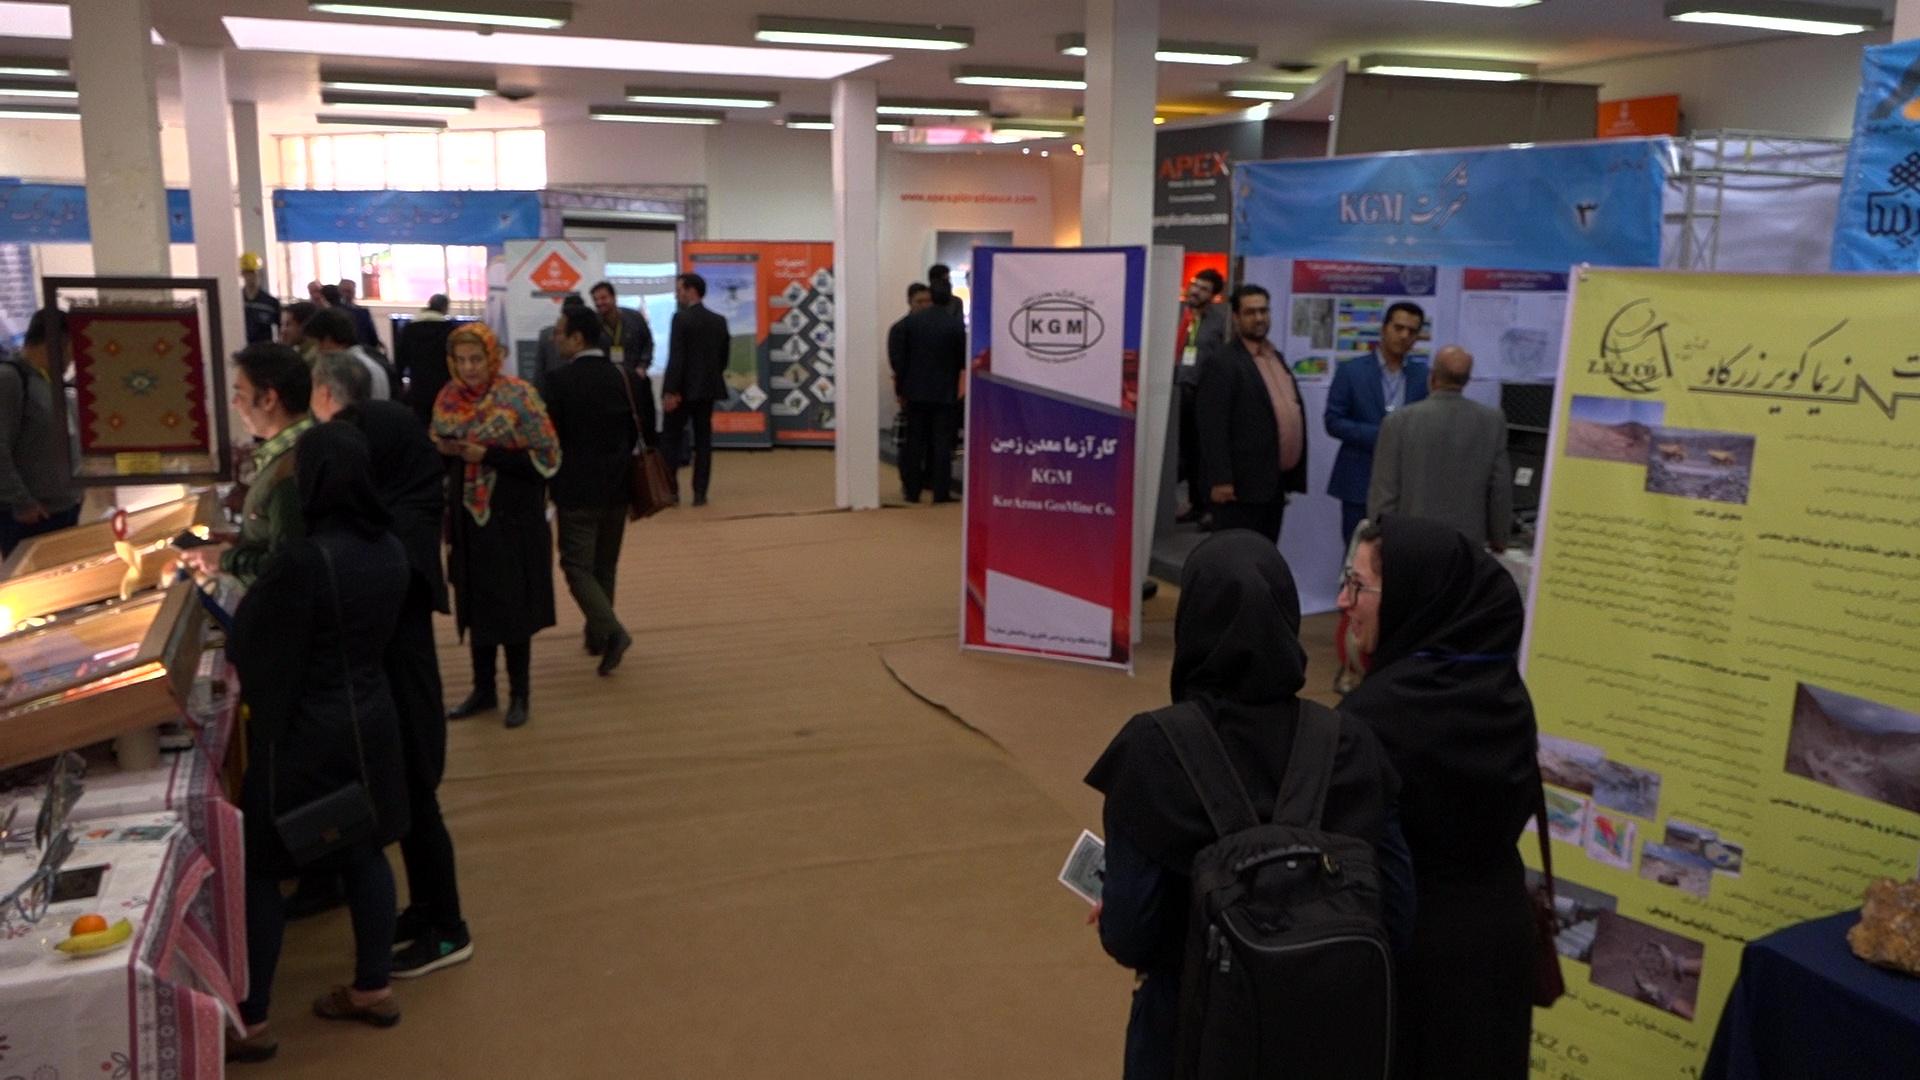 آغاز هشتمین کنفرانس مهندسی معدن ایران در دانشگاه بیرجند